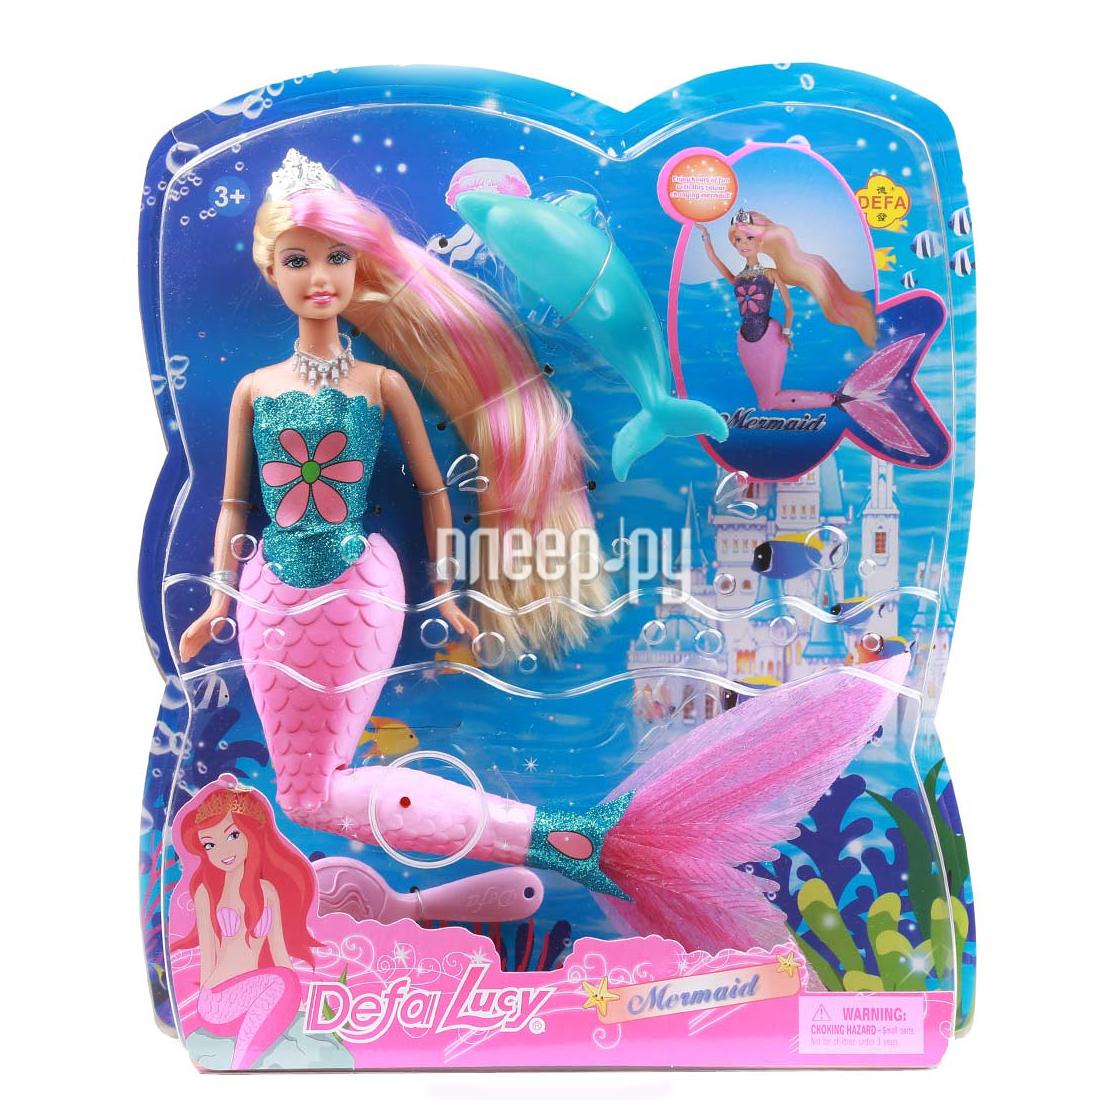 Кукла Defa Lucy Русалка 8243